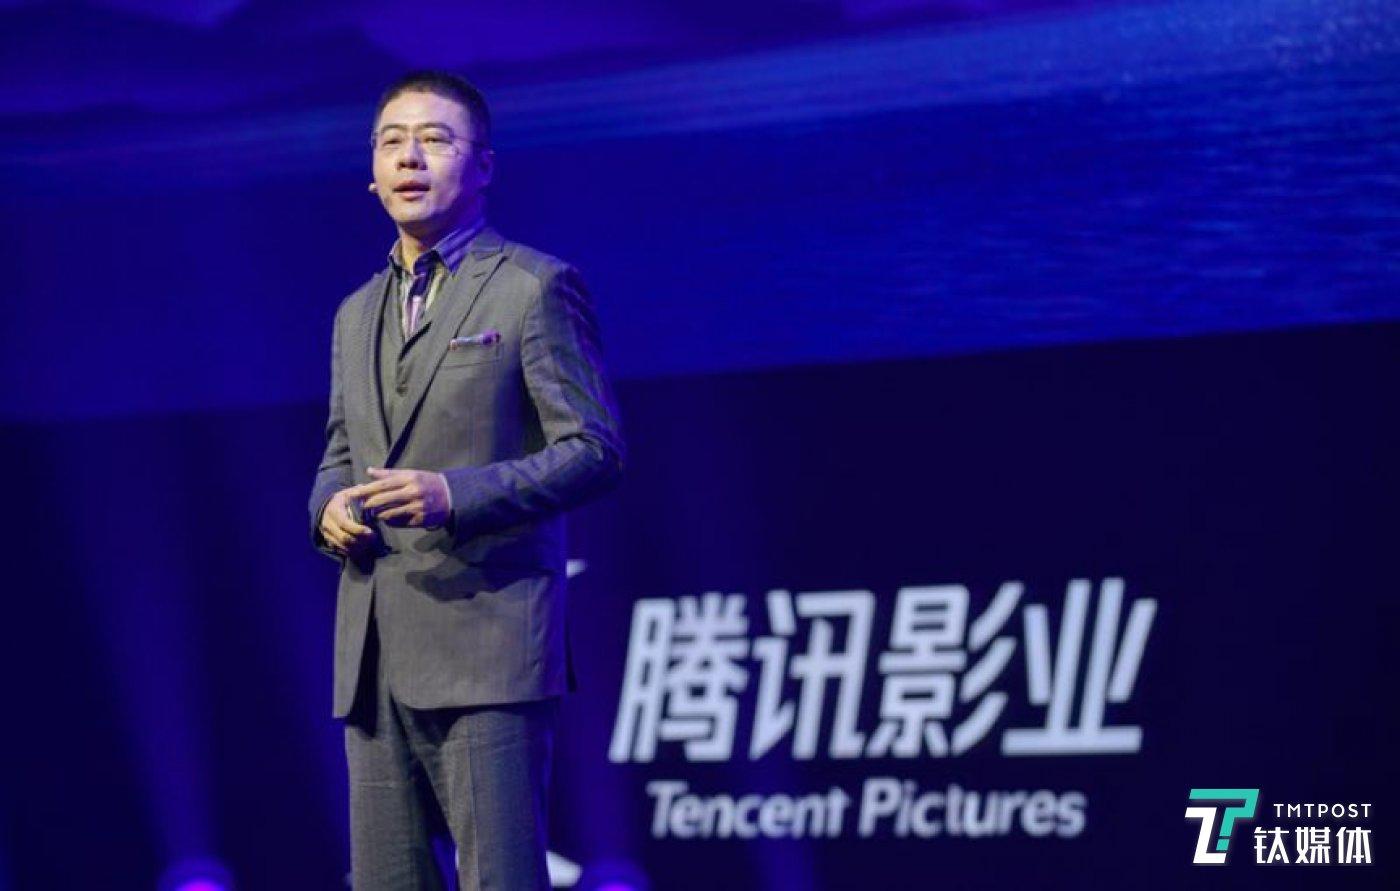 腾讯集团副总裁、腾讯影业CEO 程武